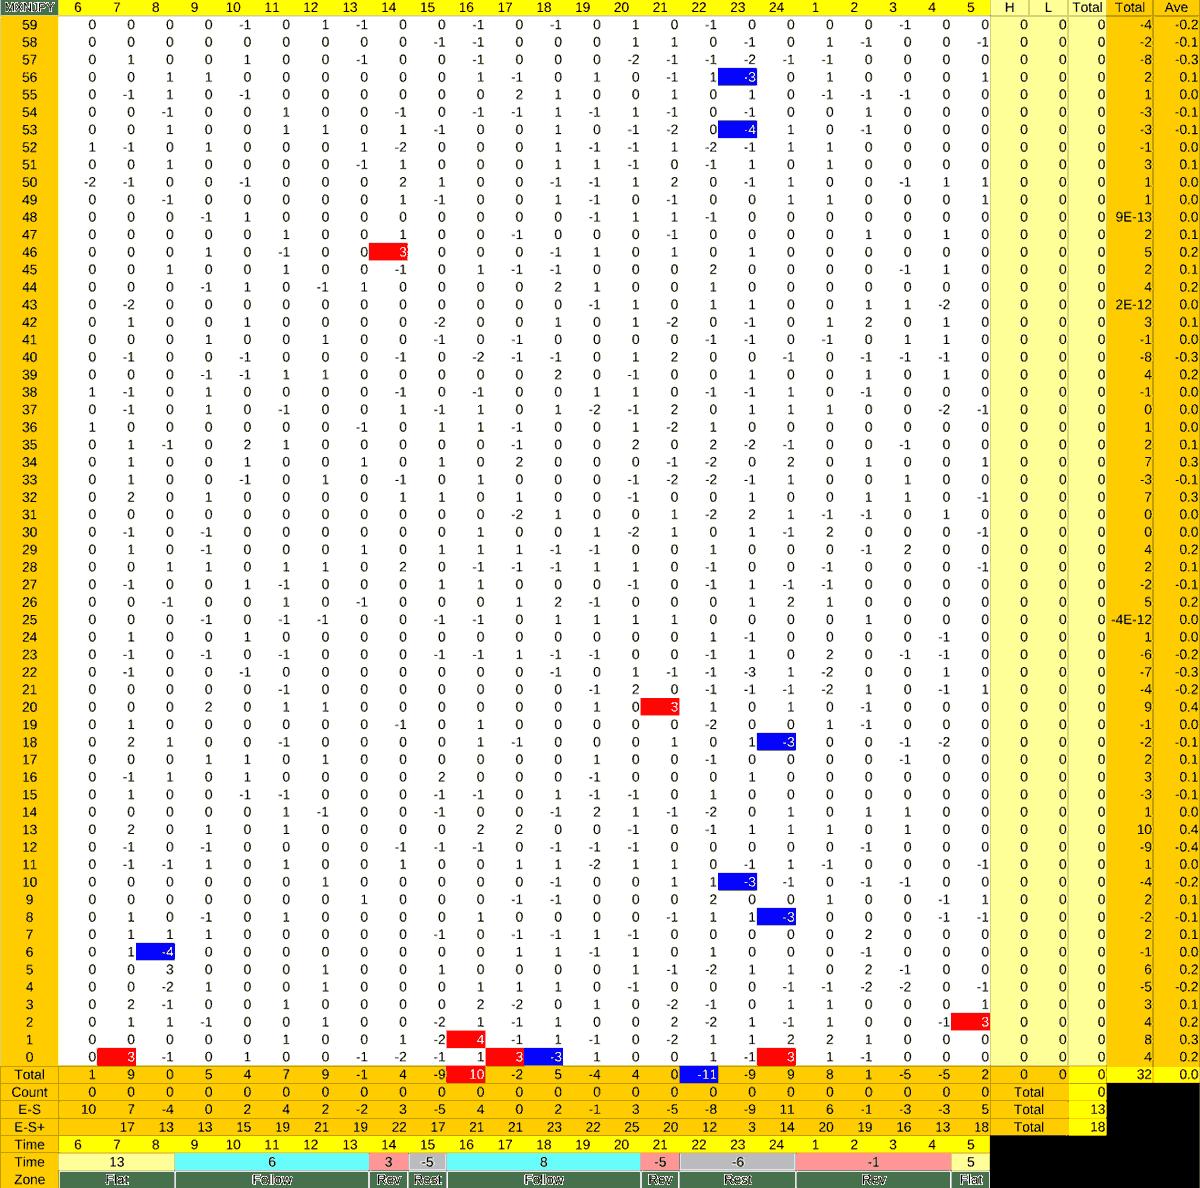 20210809_HS(3)MXNJPY-min